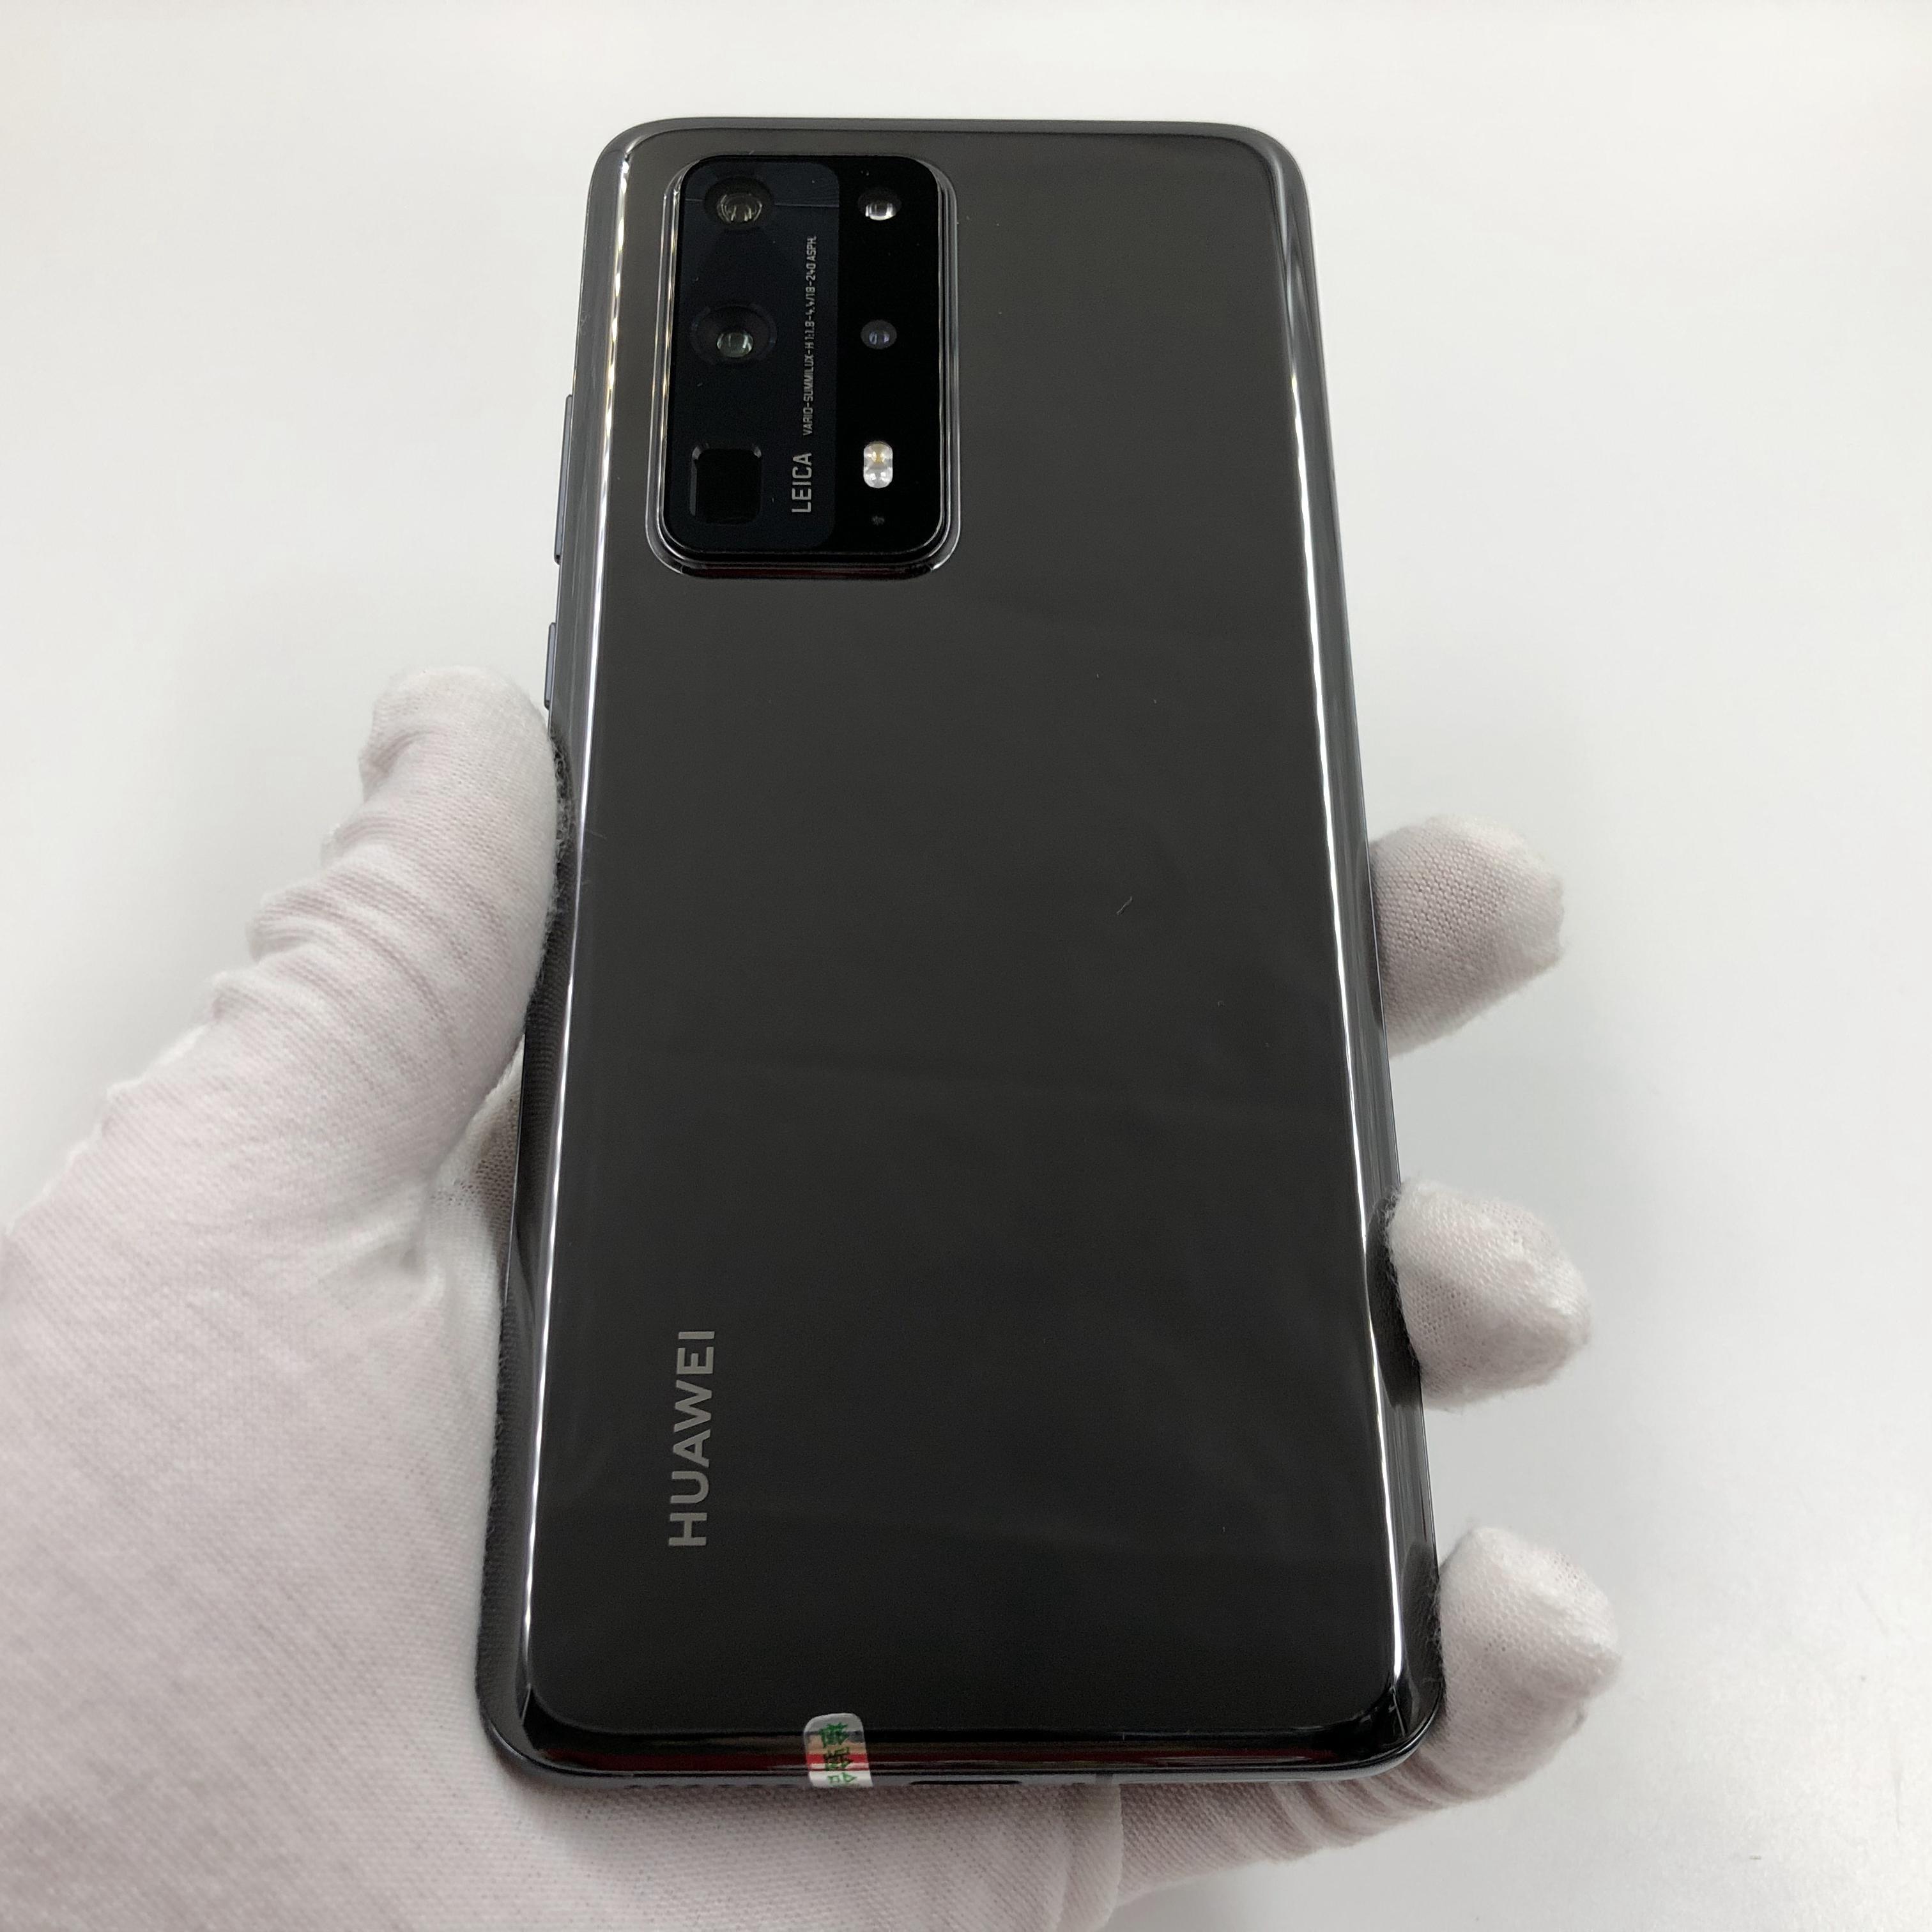 华为【P40 Pro+ 5G】5G全网通 陶瓷黑 8G/256G 国行 8成新 真机实拍官保2021-09-17